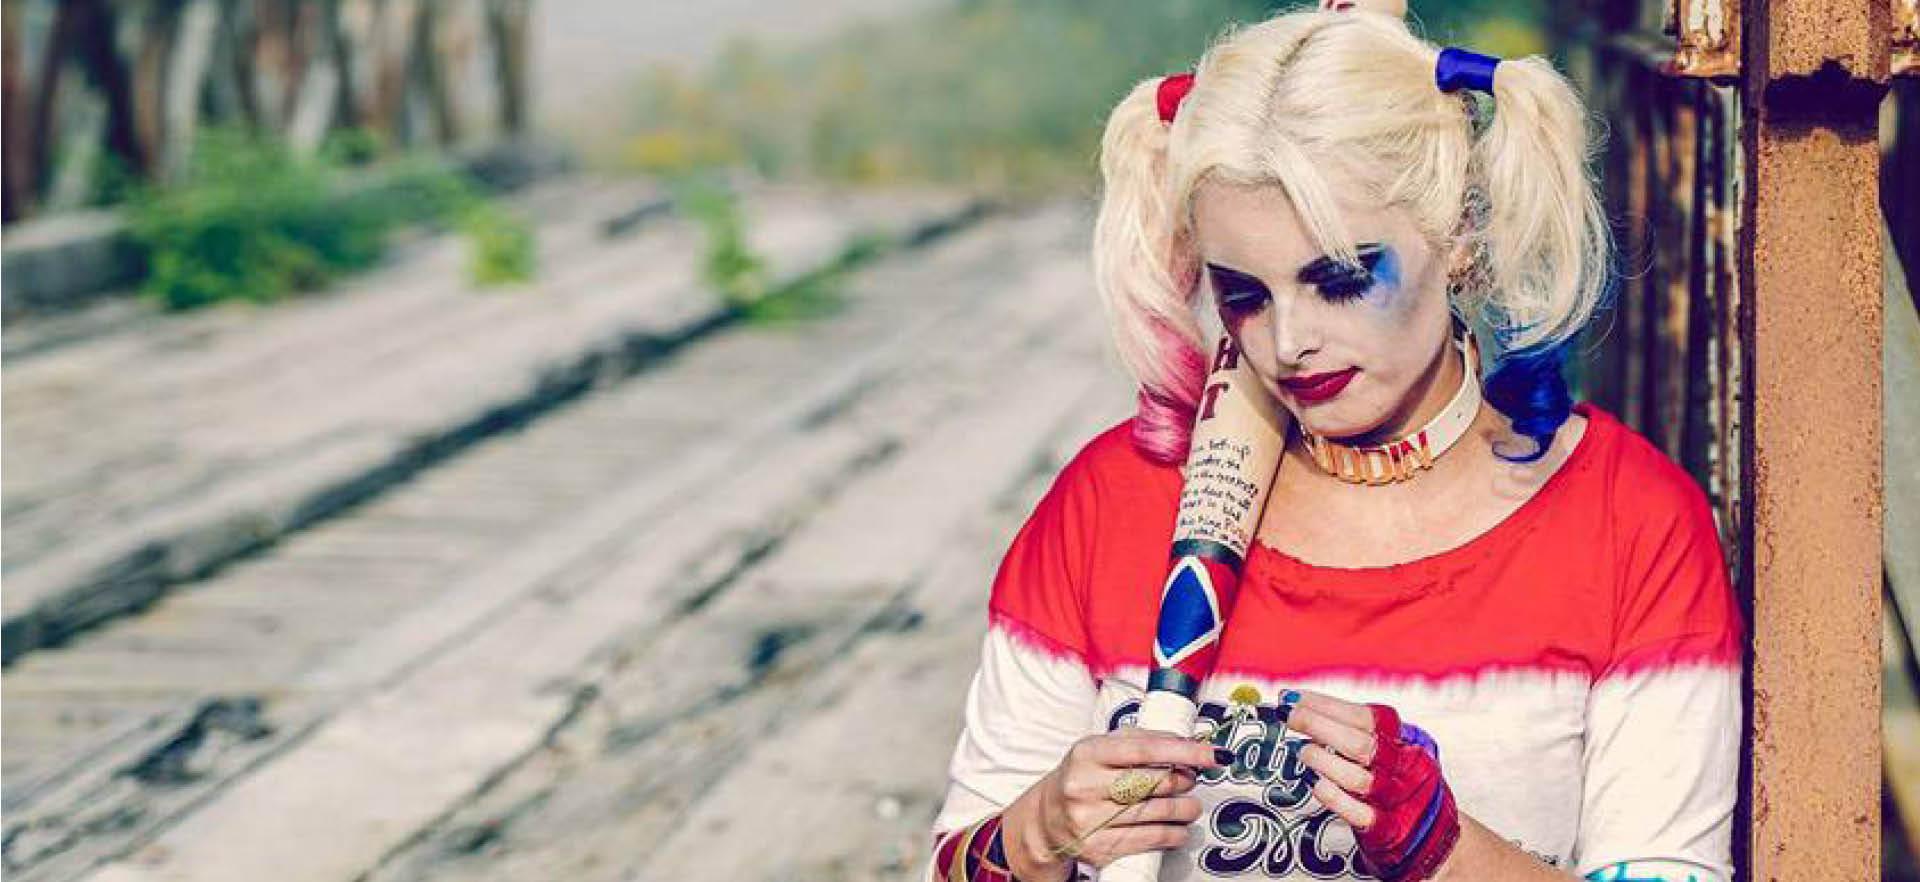 Harley Quinn cosplayer holding flower